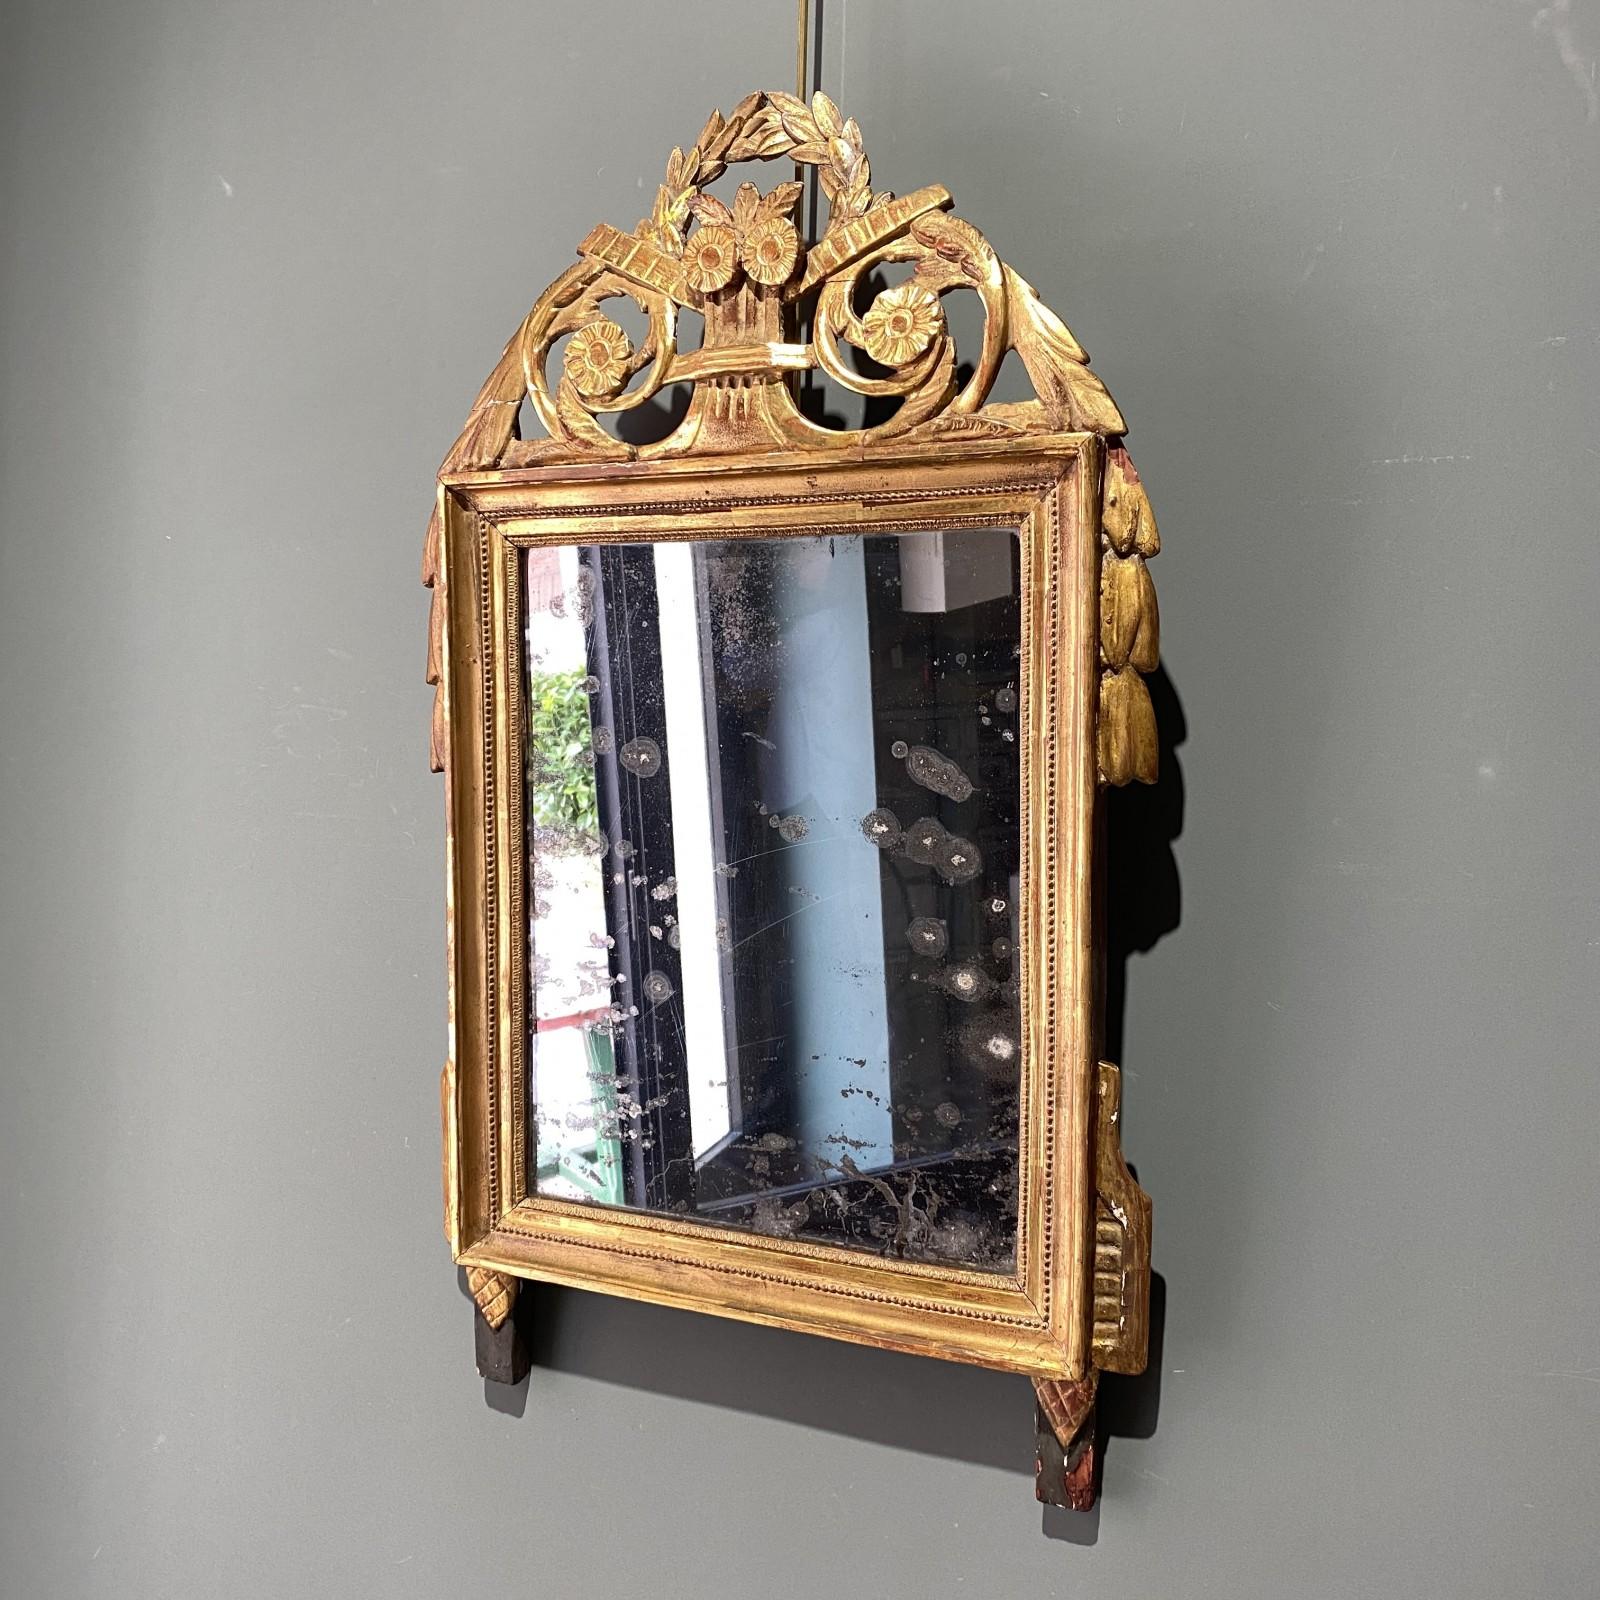 French mirror Louis XVI